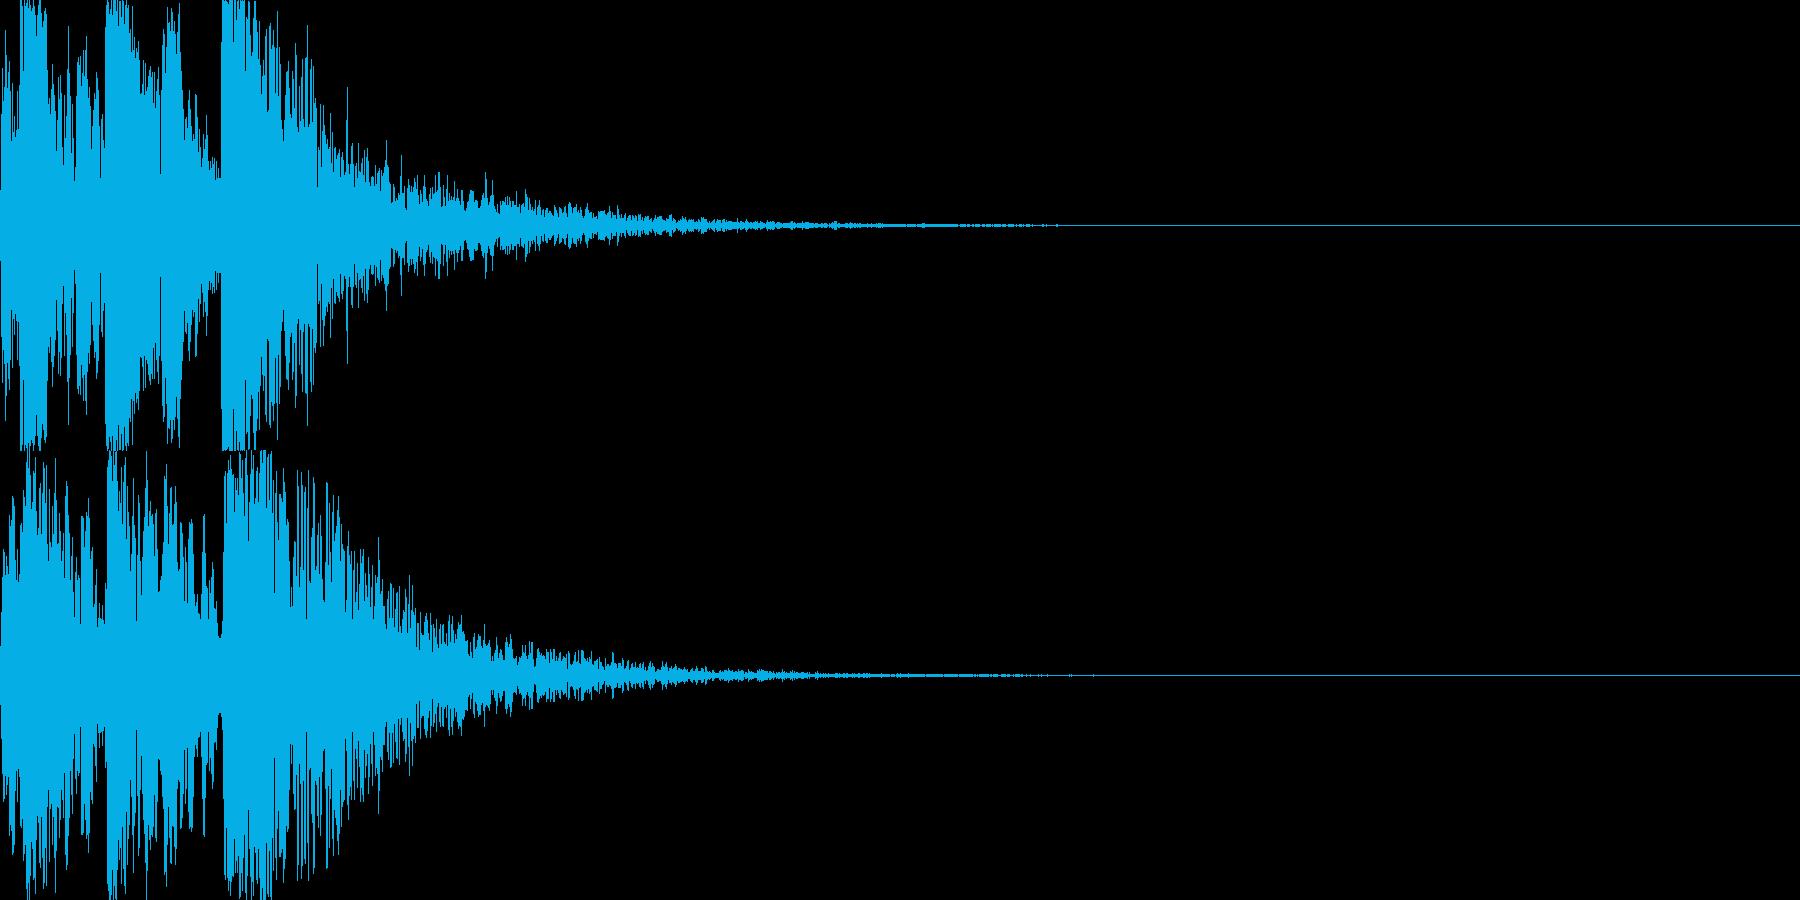 鼓(つづみ)太鼓のフレーズ ジングル3sの再生済みの波形